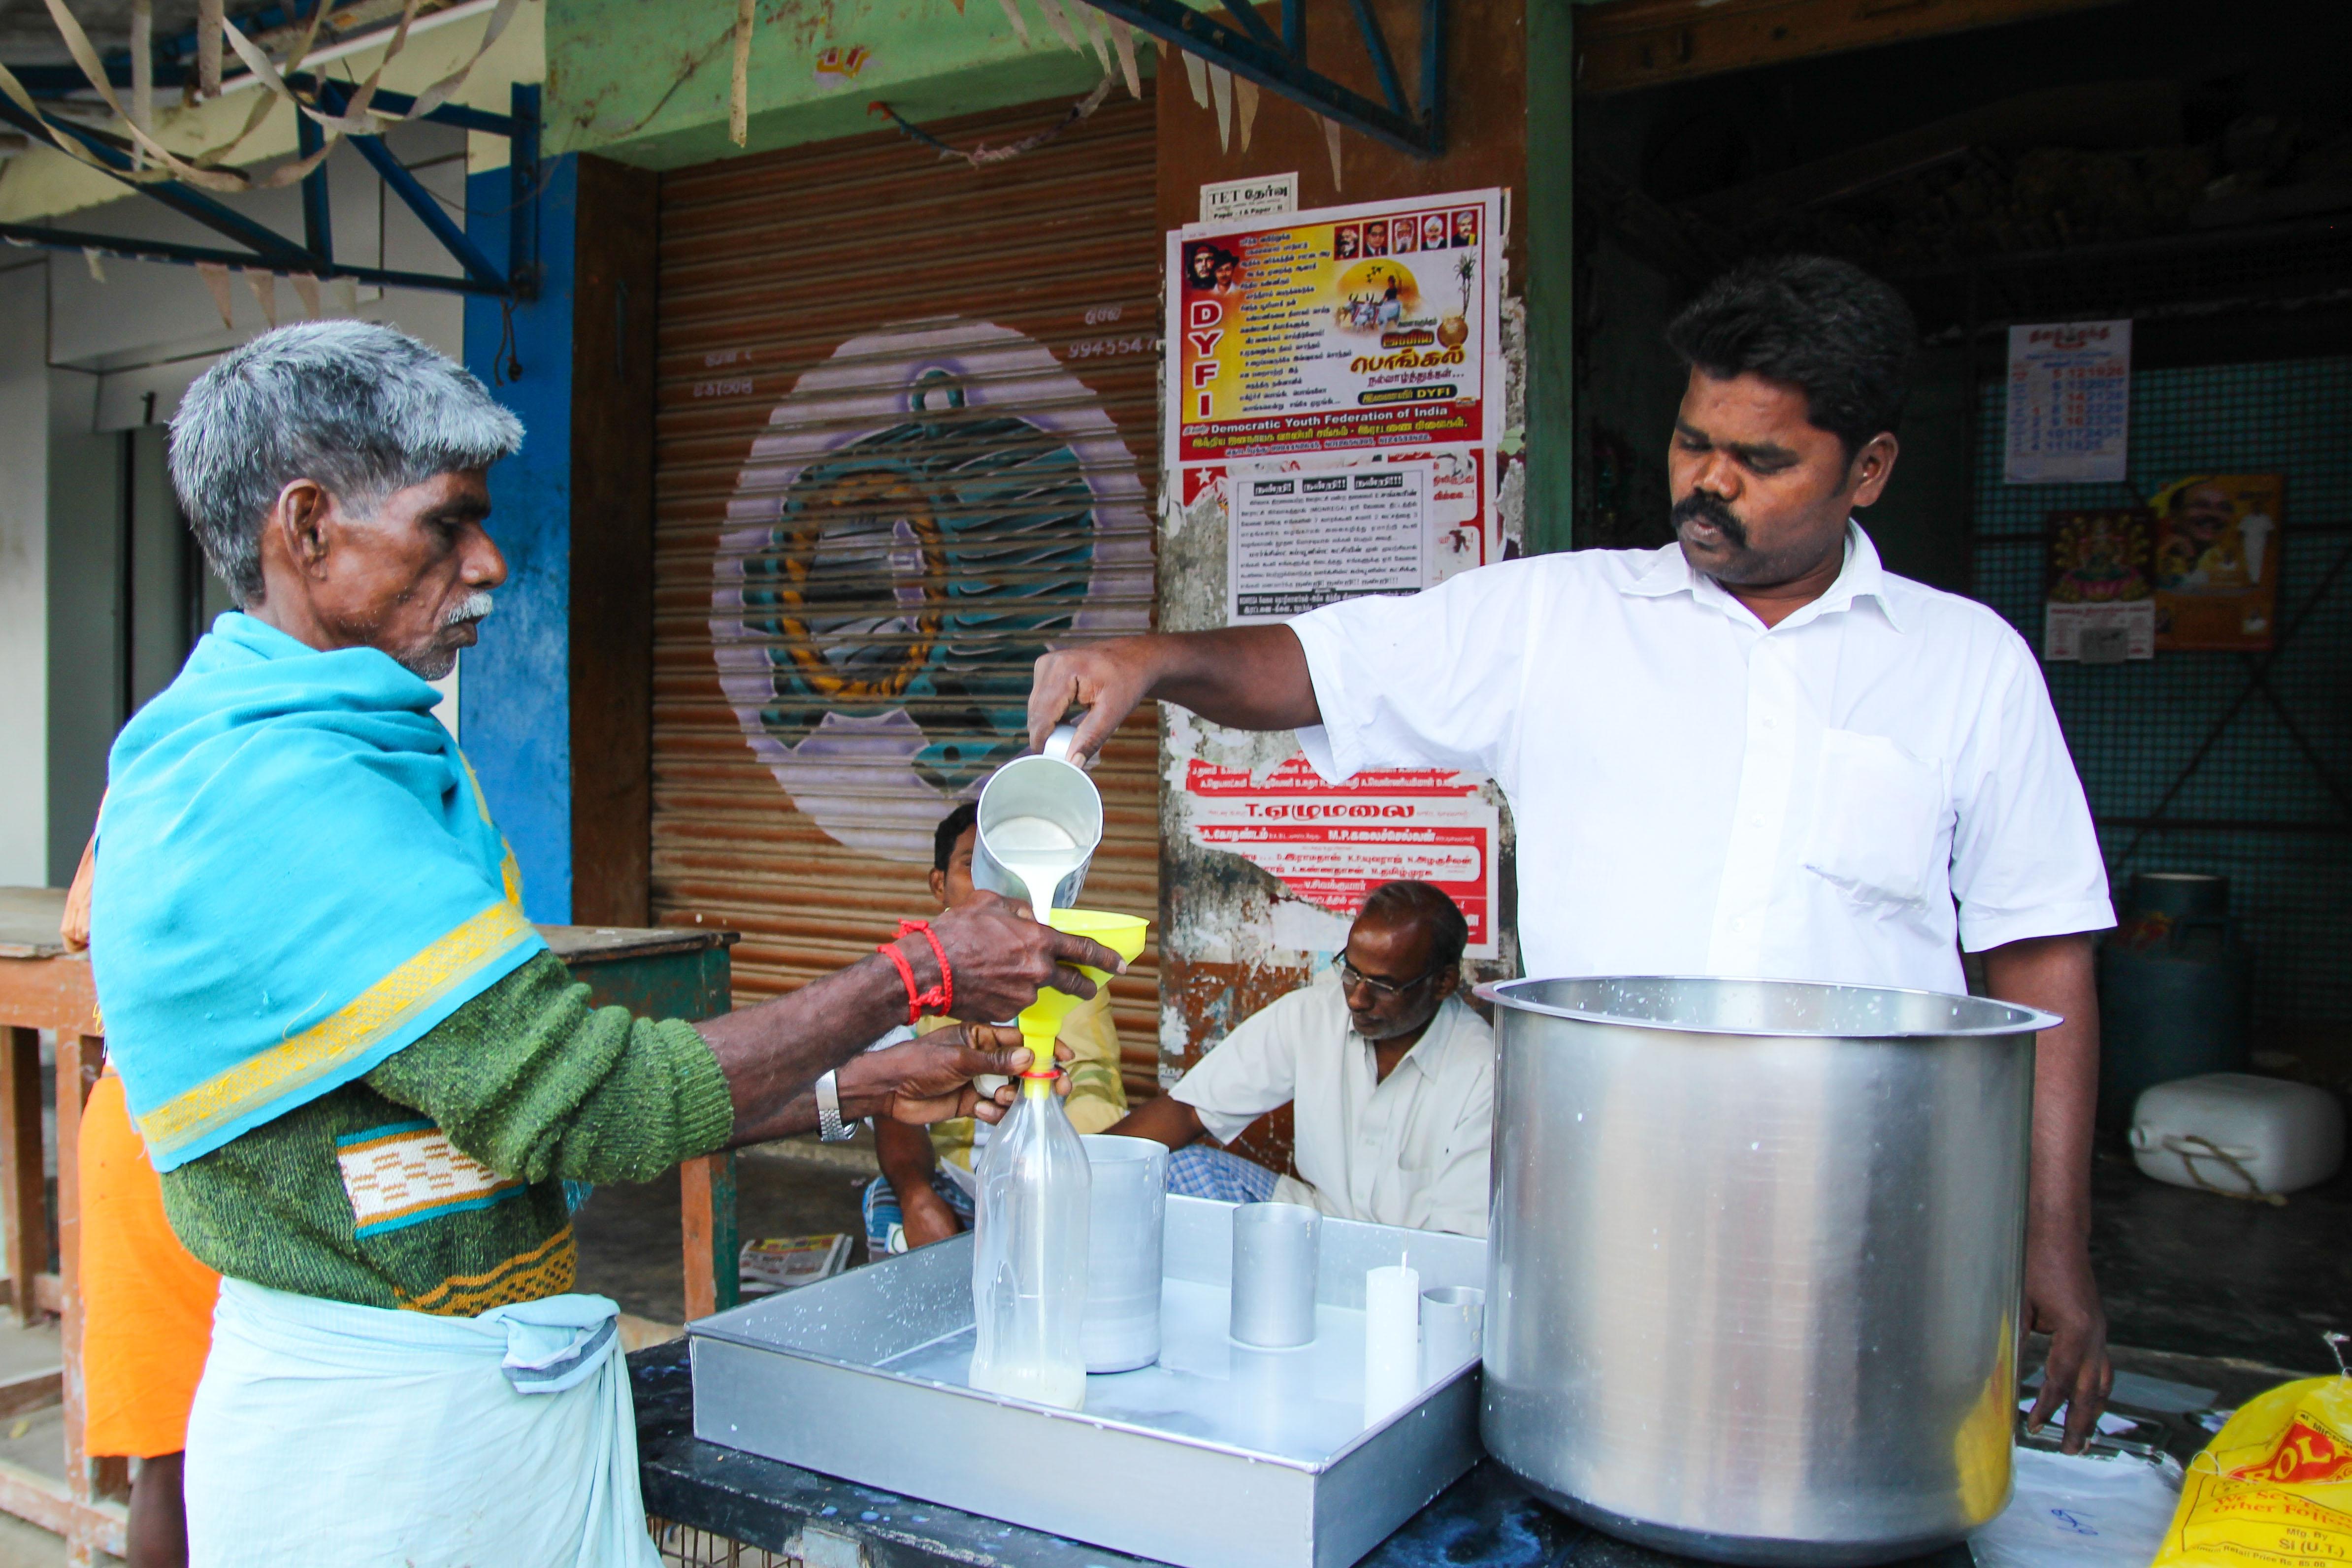 A dudh wallah in Rettanai, Tamil Nadu